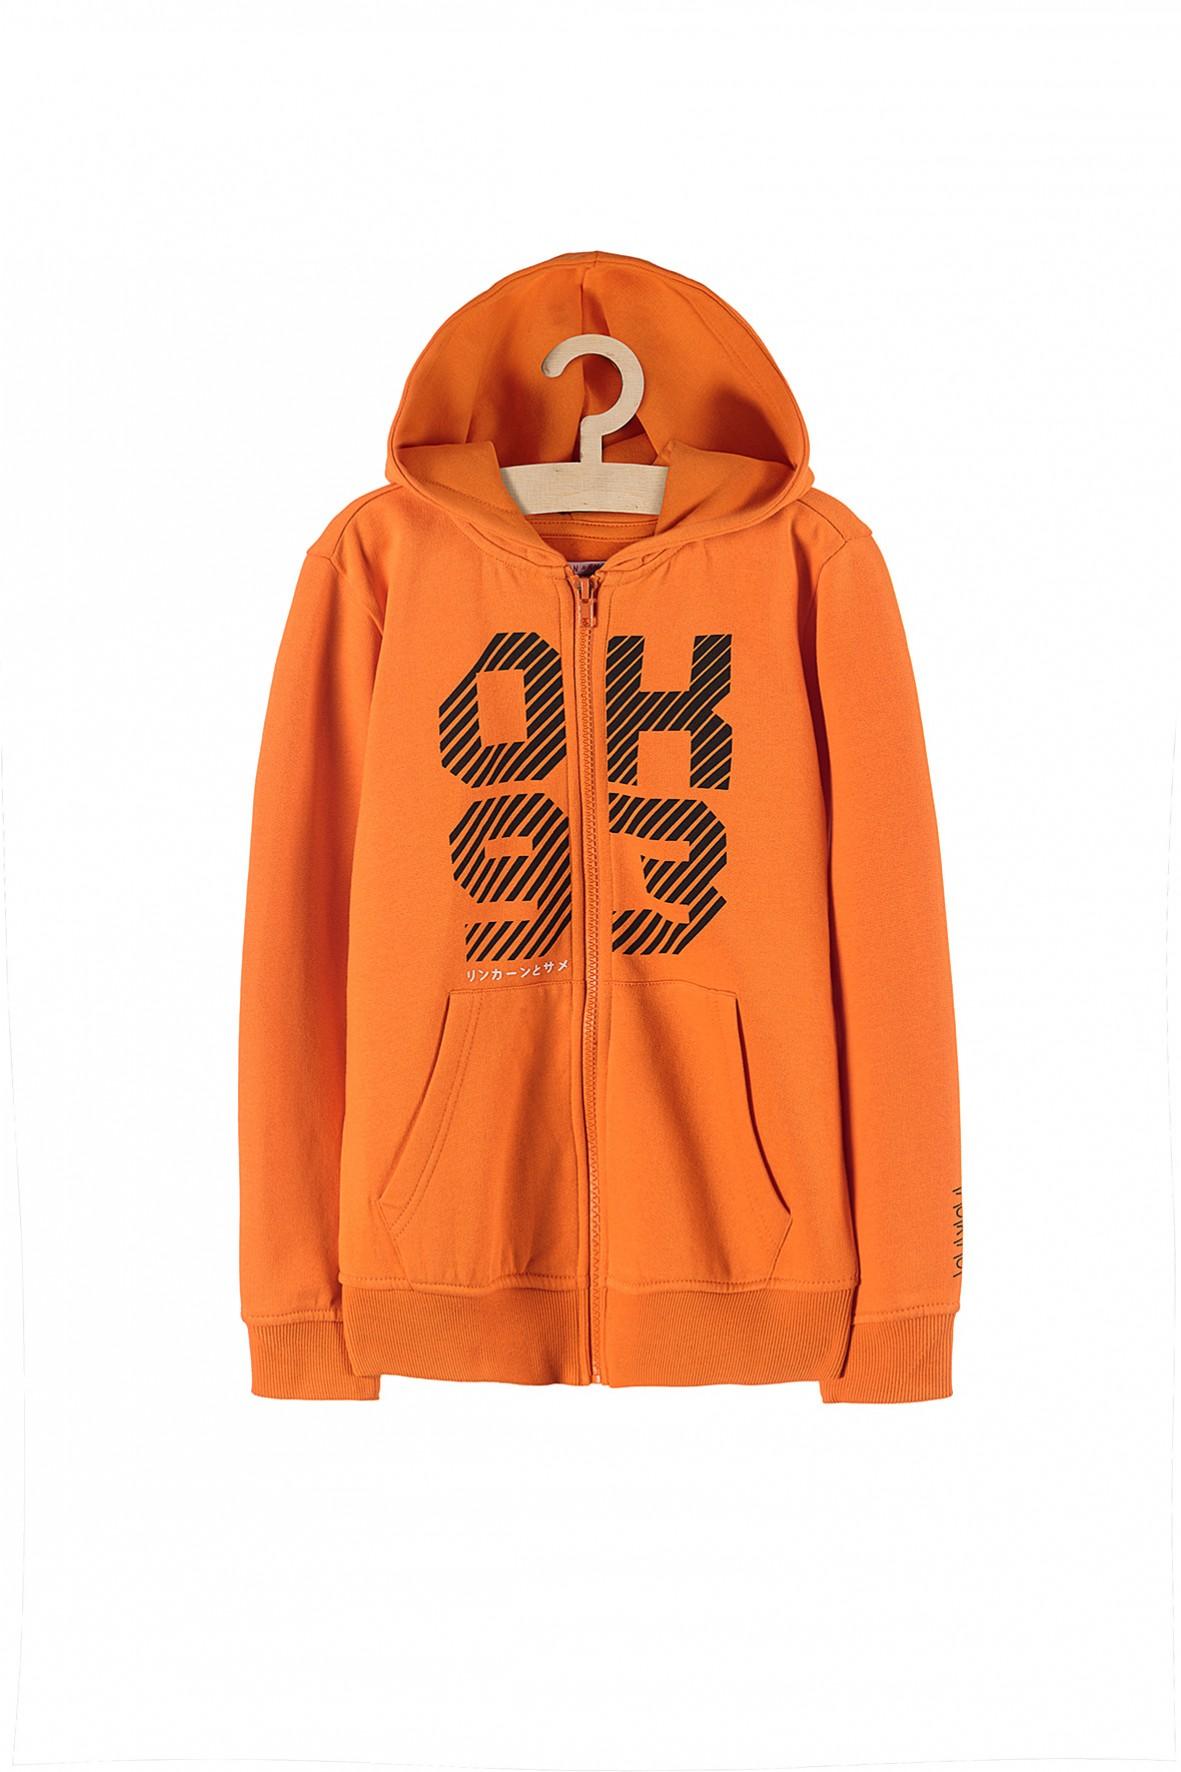 Bluza dresowa dla chłopca- pomarańczowa